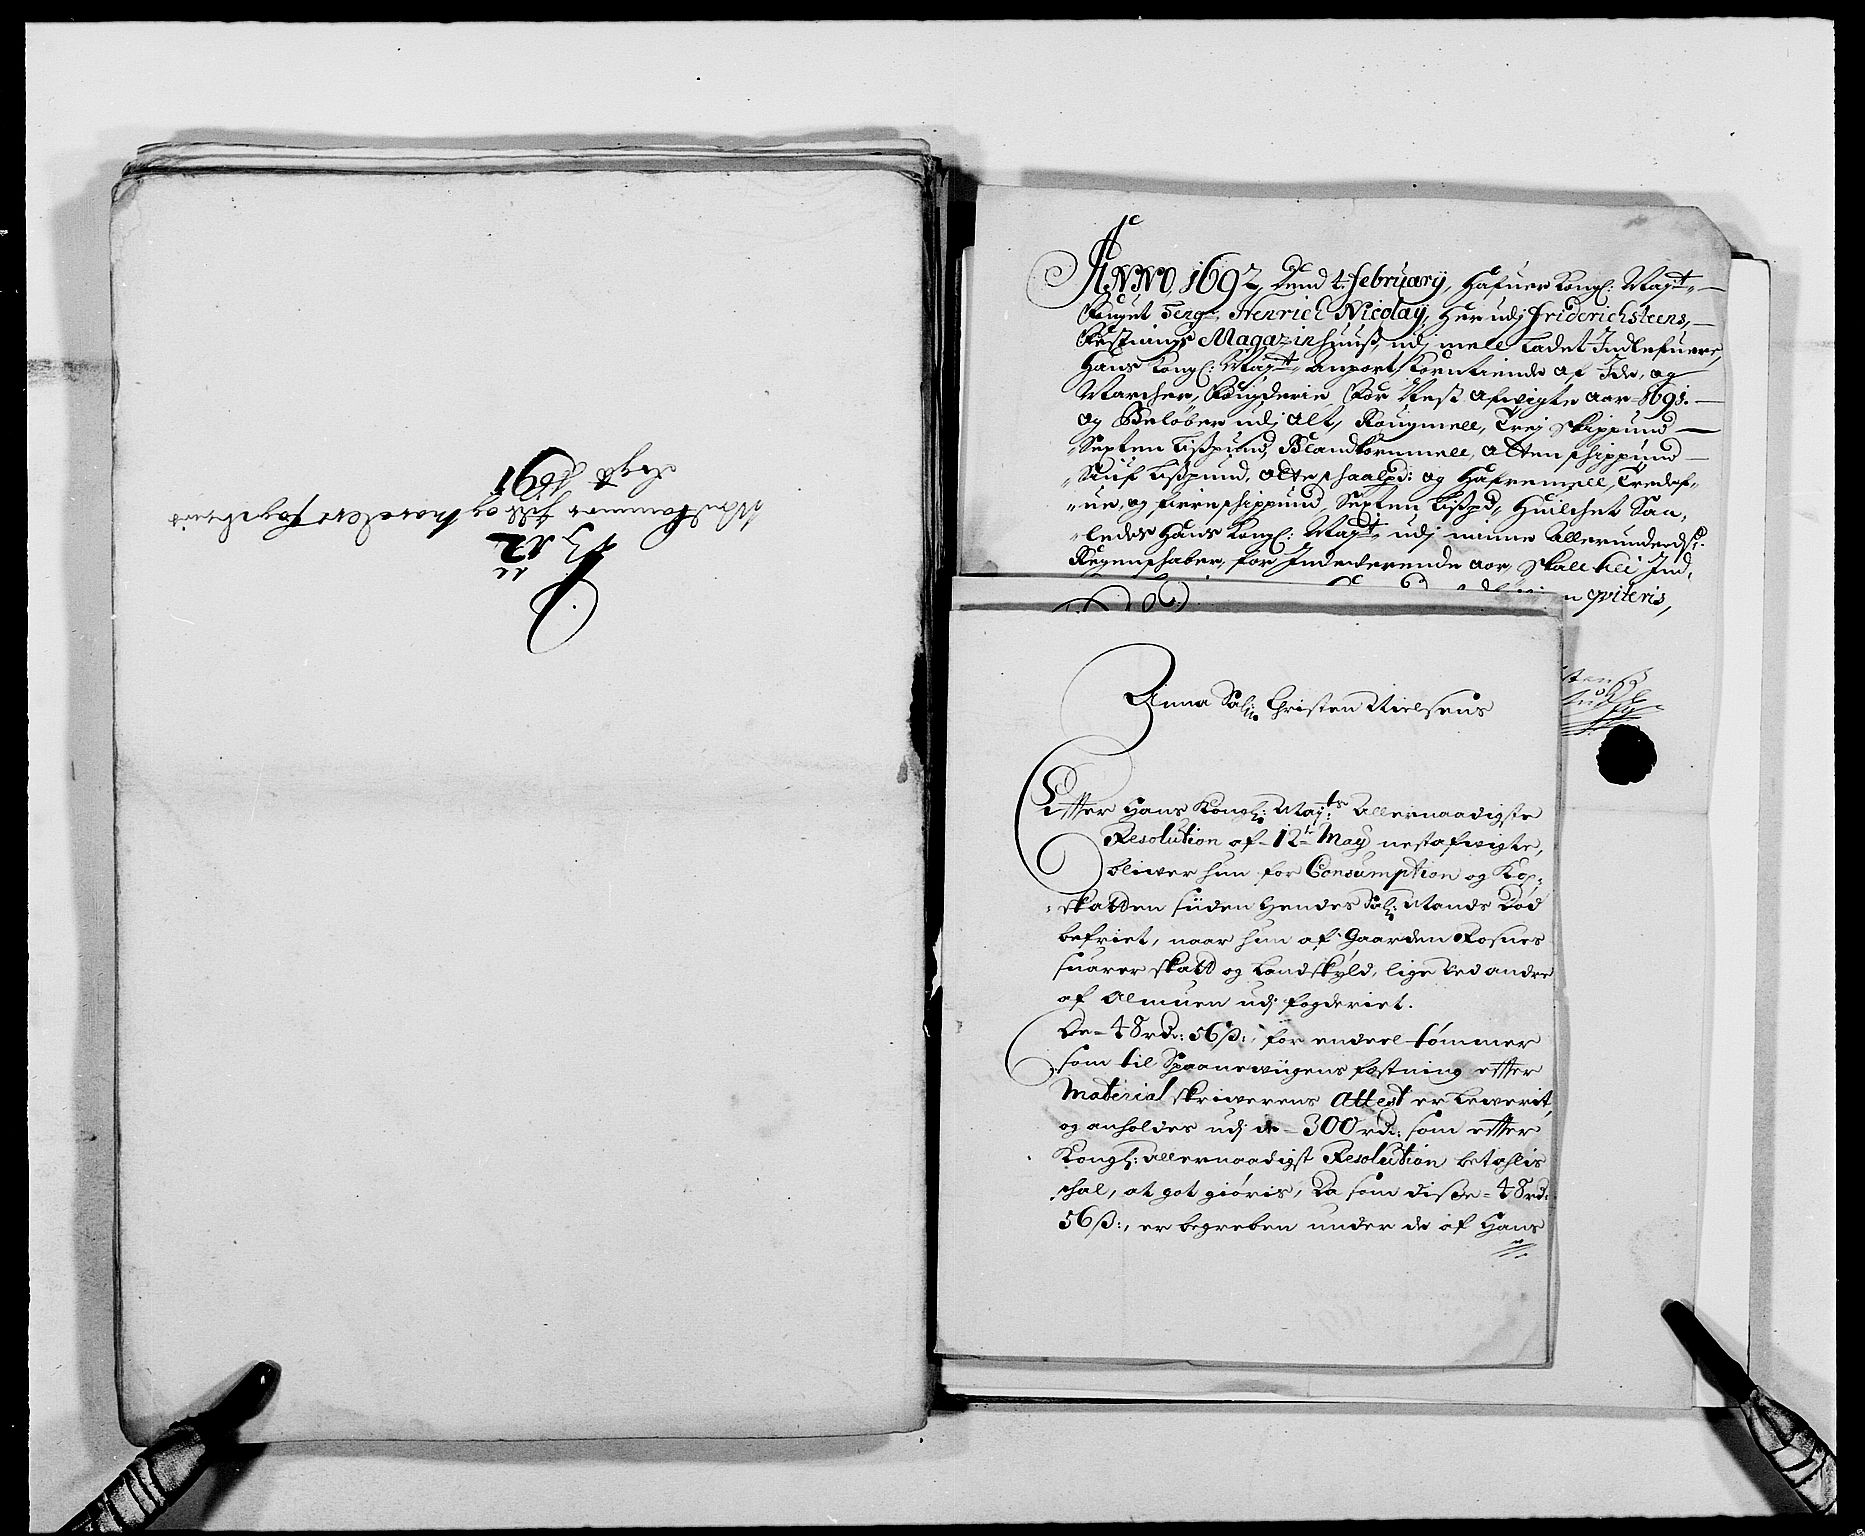 RA, Rentekammeret inntil 1814, Reviderte regnskaper, Fogderegnskap, R01/L0010: Fogderegnskap Idd og Marker, 1690-1691, s. 103